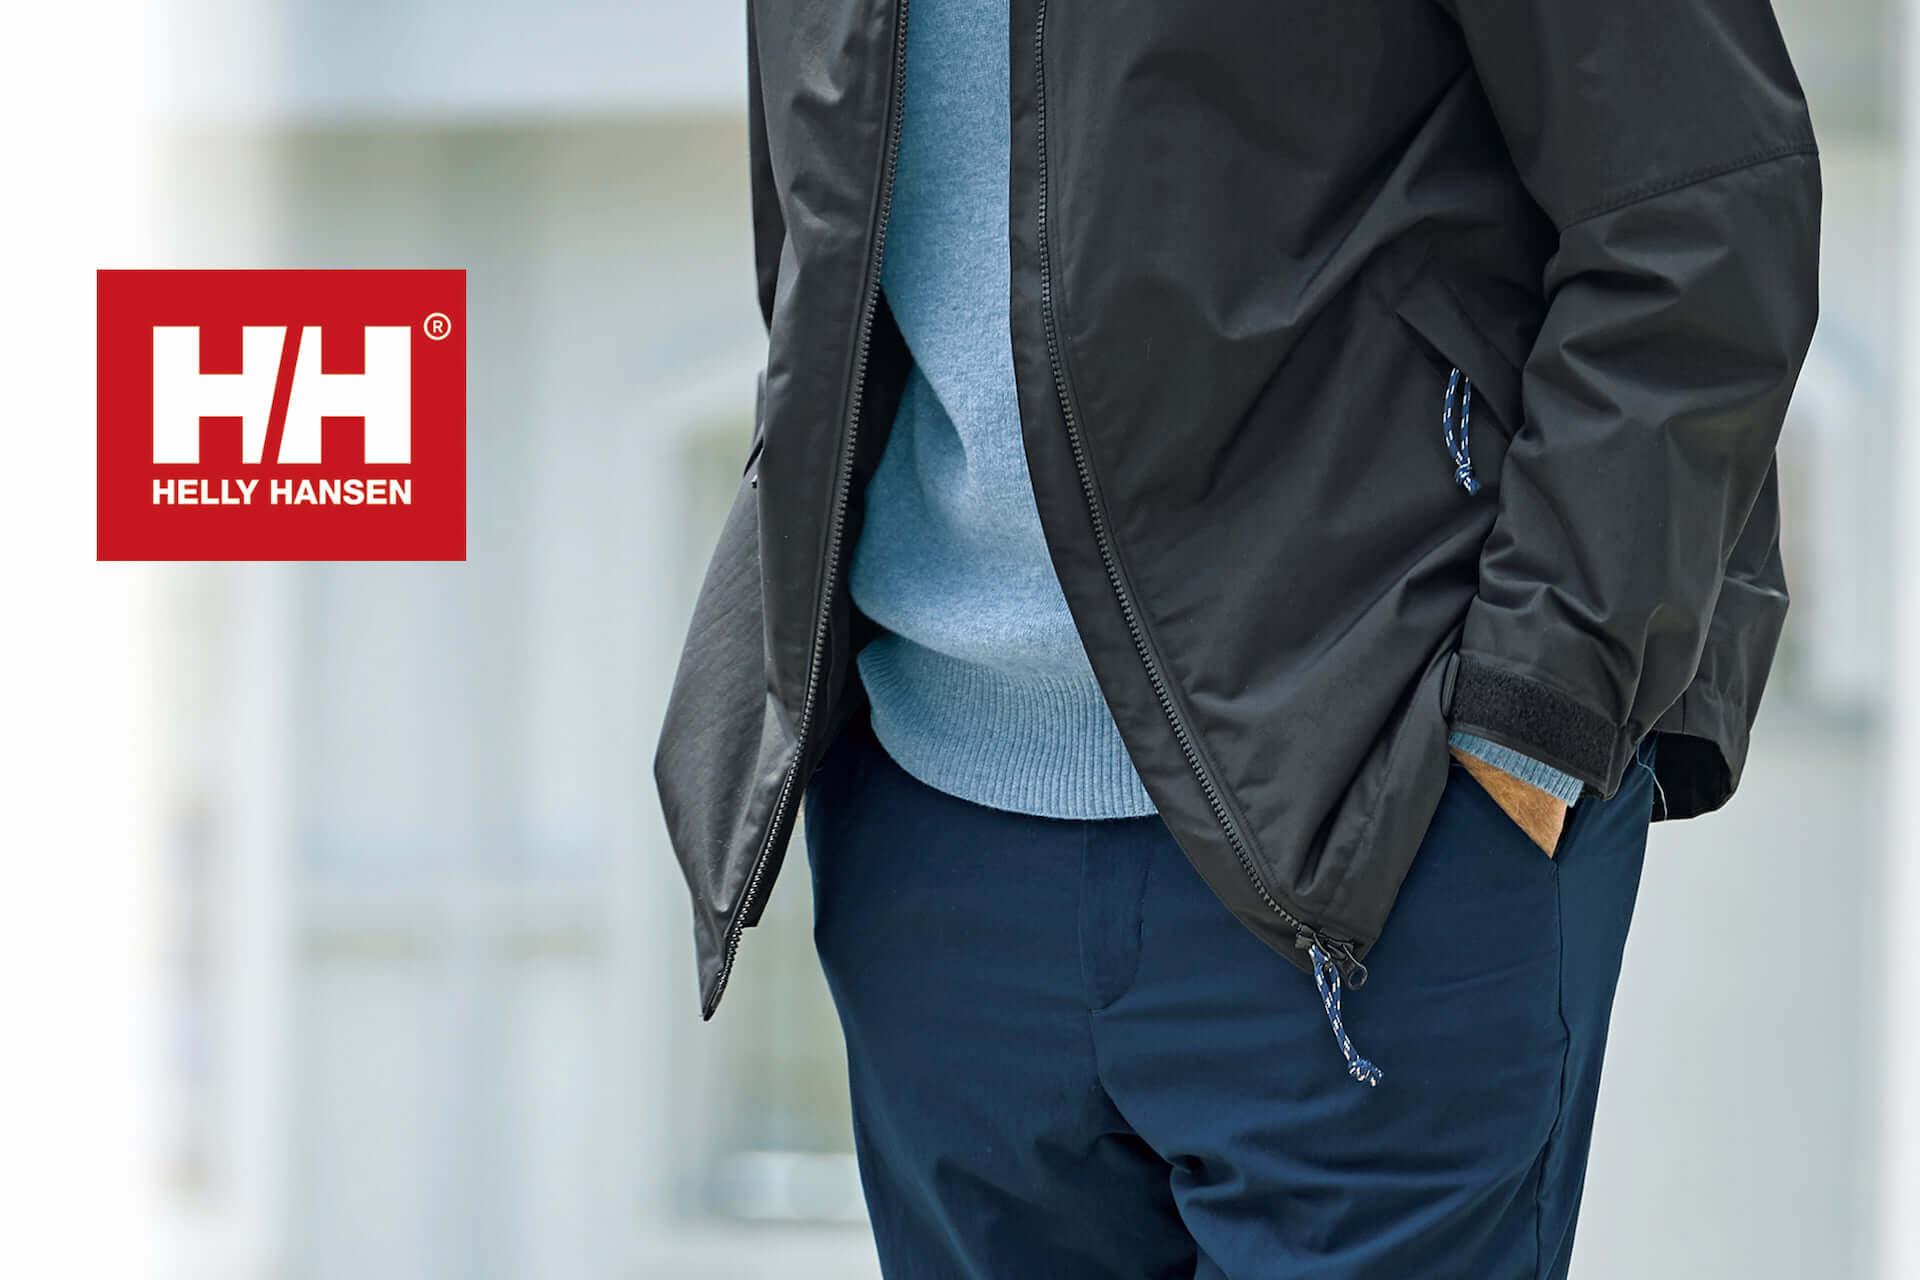 ヘリーハンセン×ライトアップショッピングクラブの別注アイテムが発売!3WAYジャケットや総裏フリースのパンツなどが登場 lf201029_helly-hansen_6-1920x1280